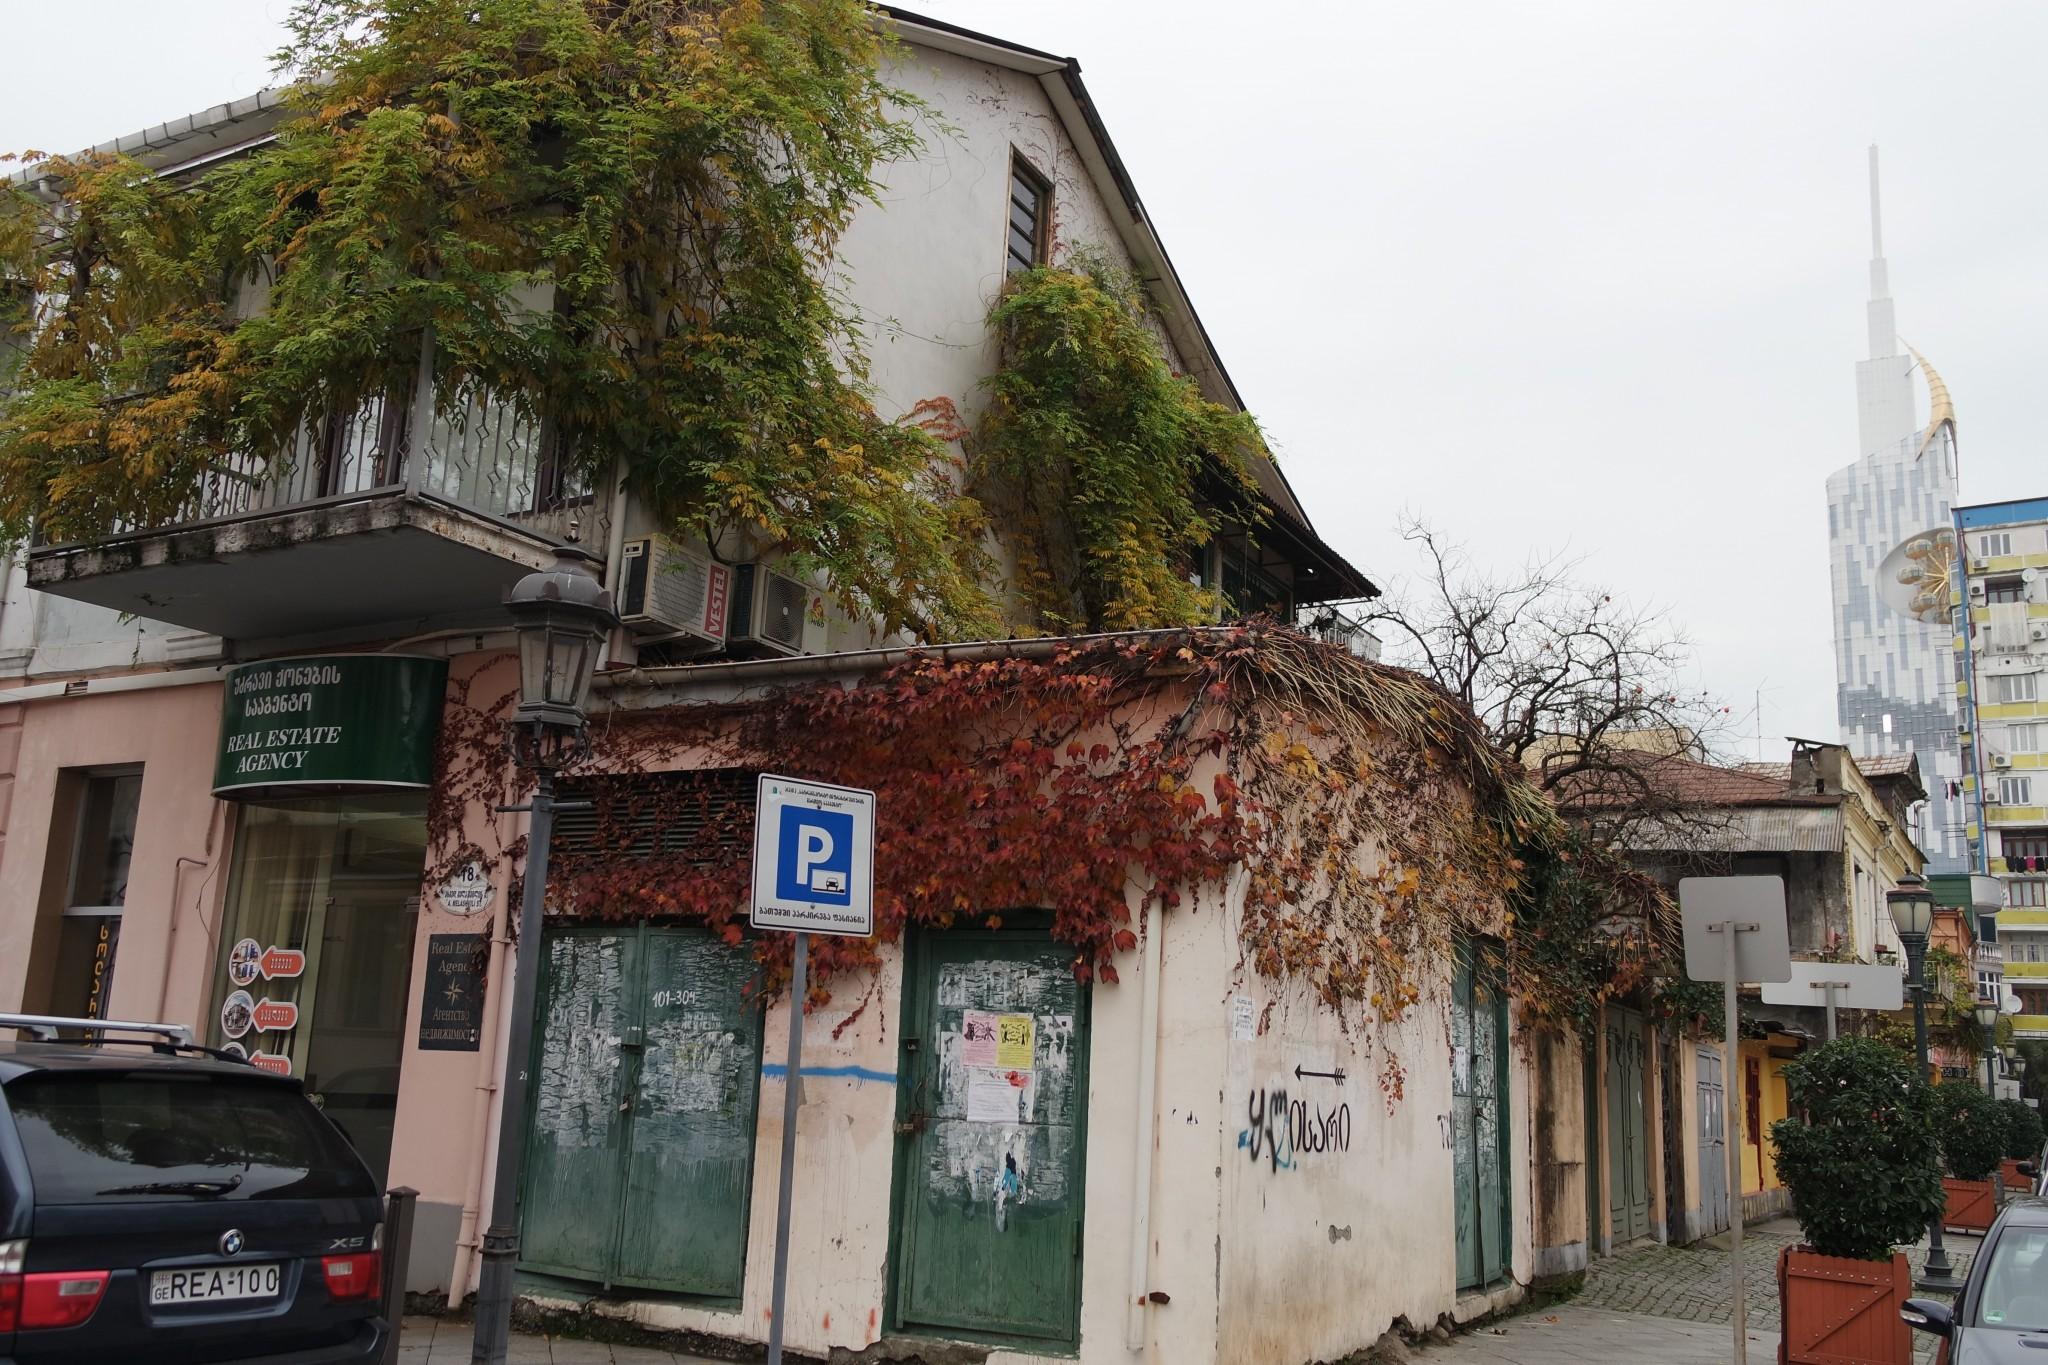 batumskiy-stariy-gorod